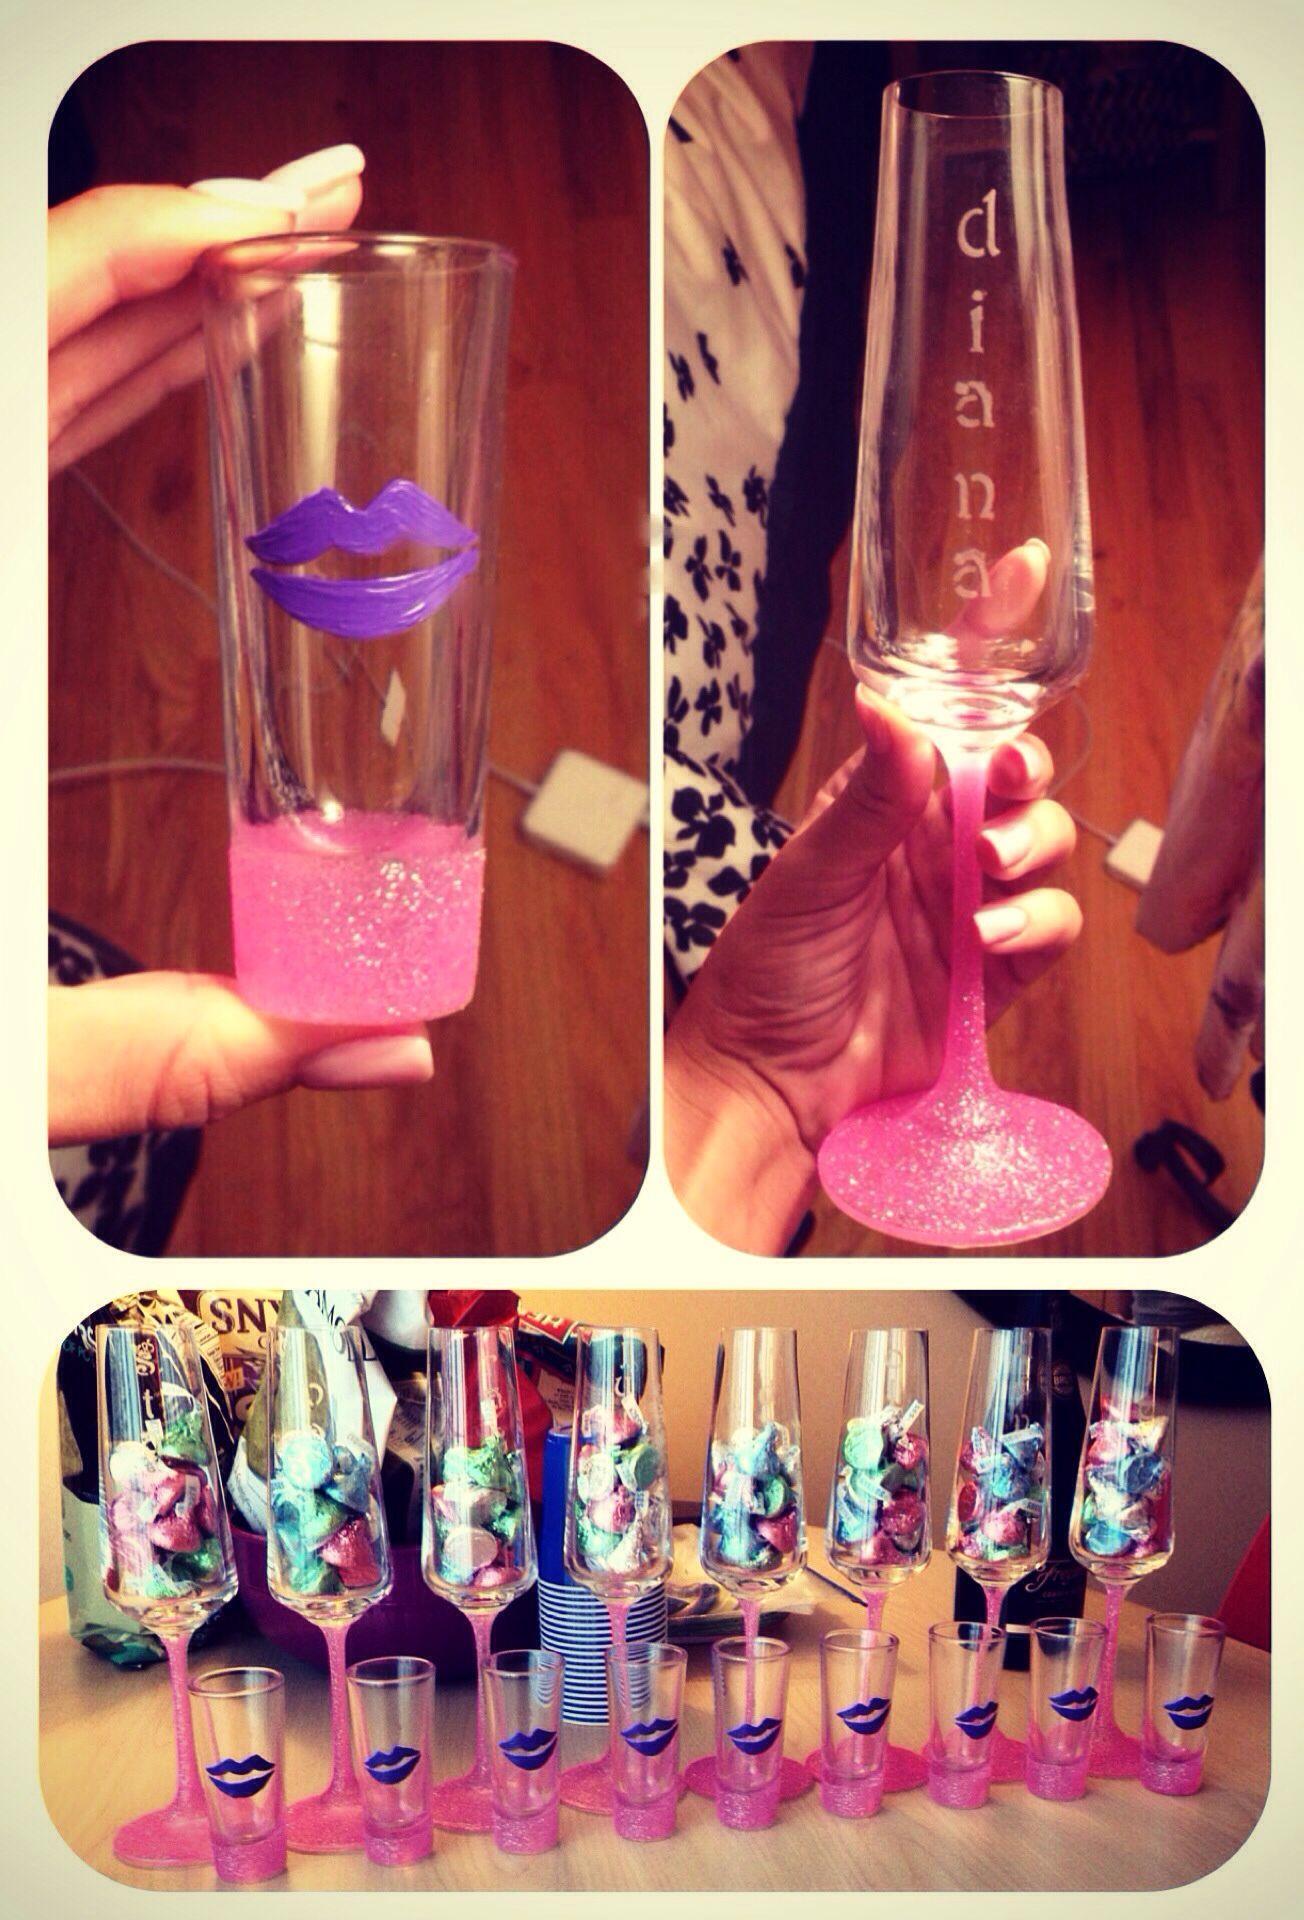 Diy Glitter Shot Glasses And Champagne Glasses Diy Wine Glass Glitter Bottle Shot Glasses Diy